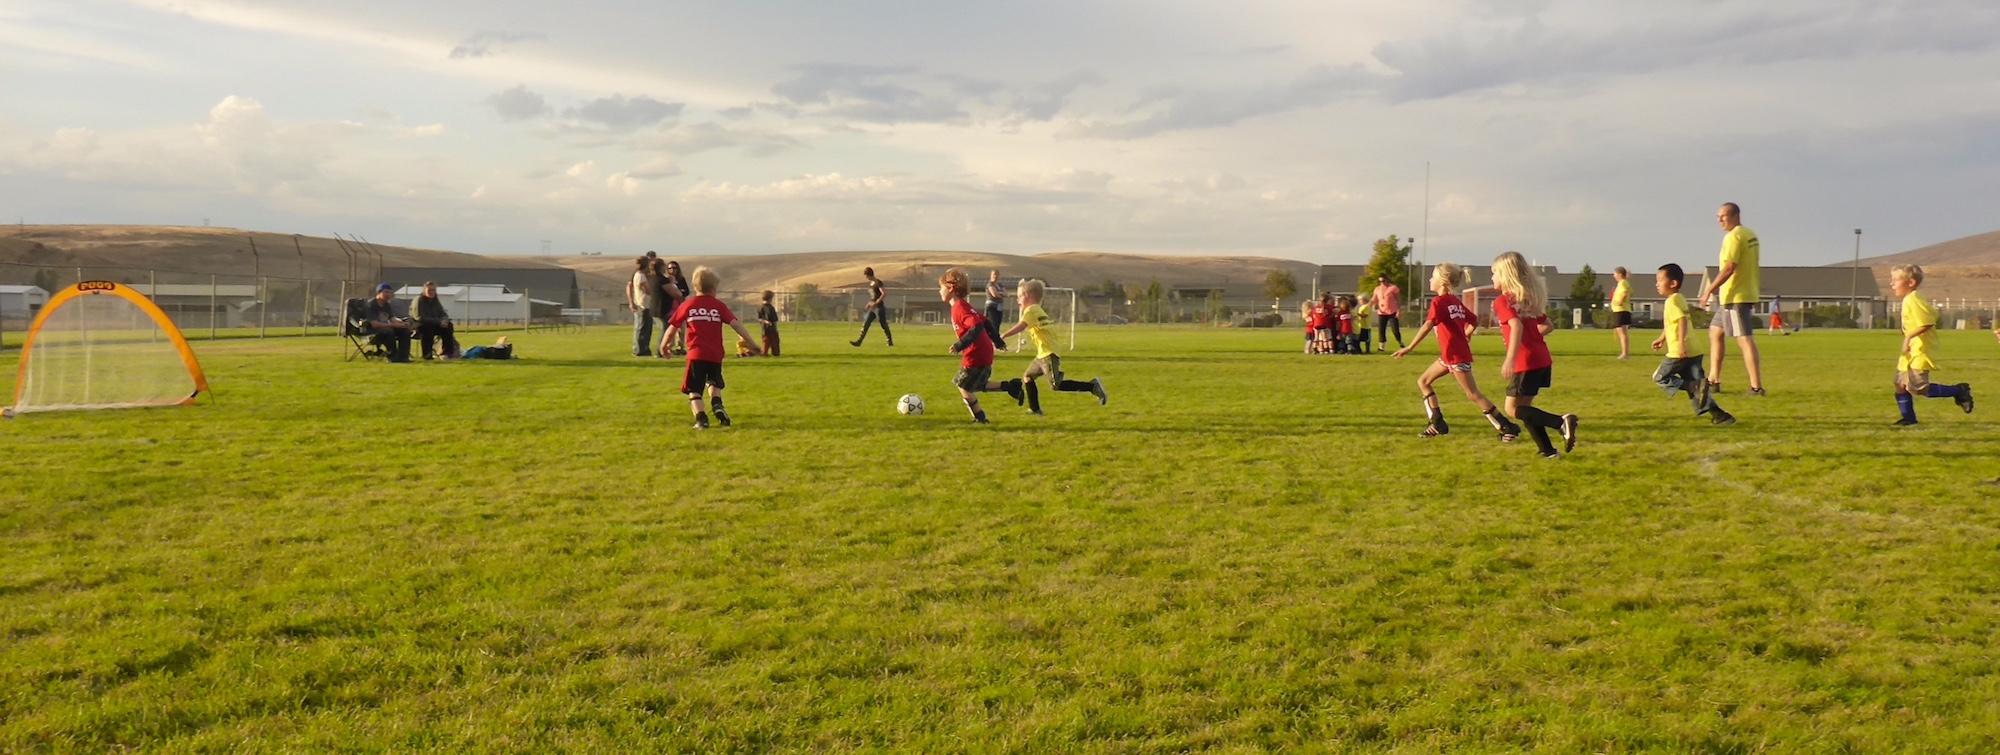 soccer-kids-field.jpg